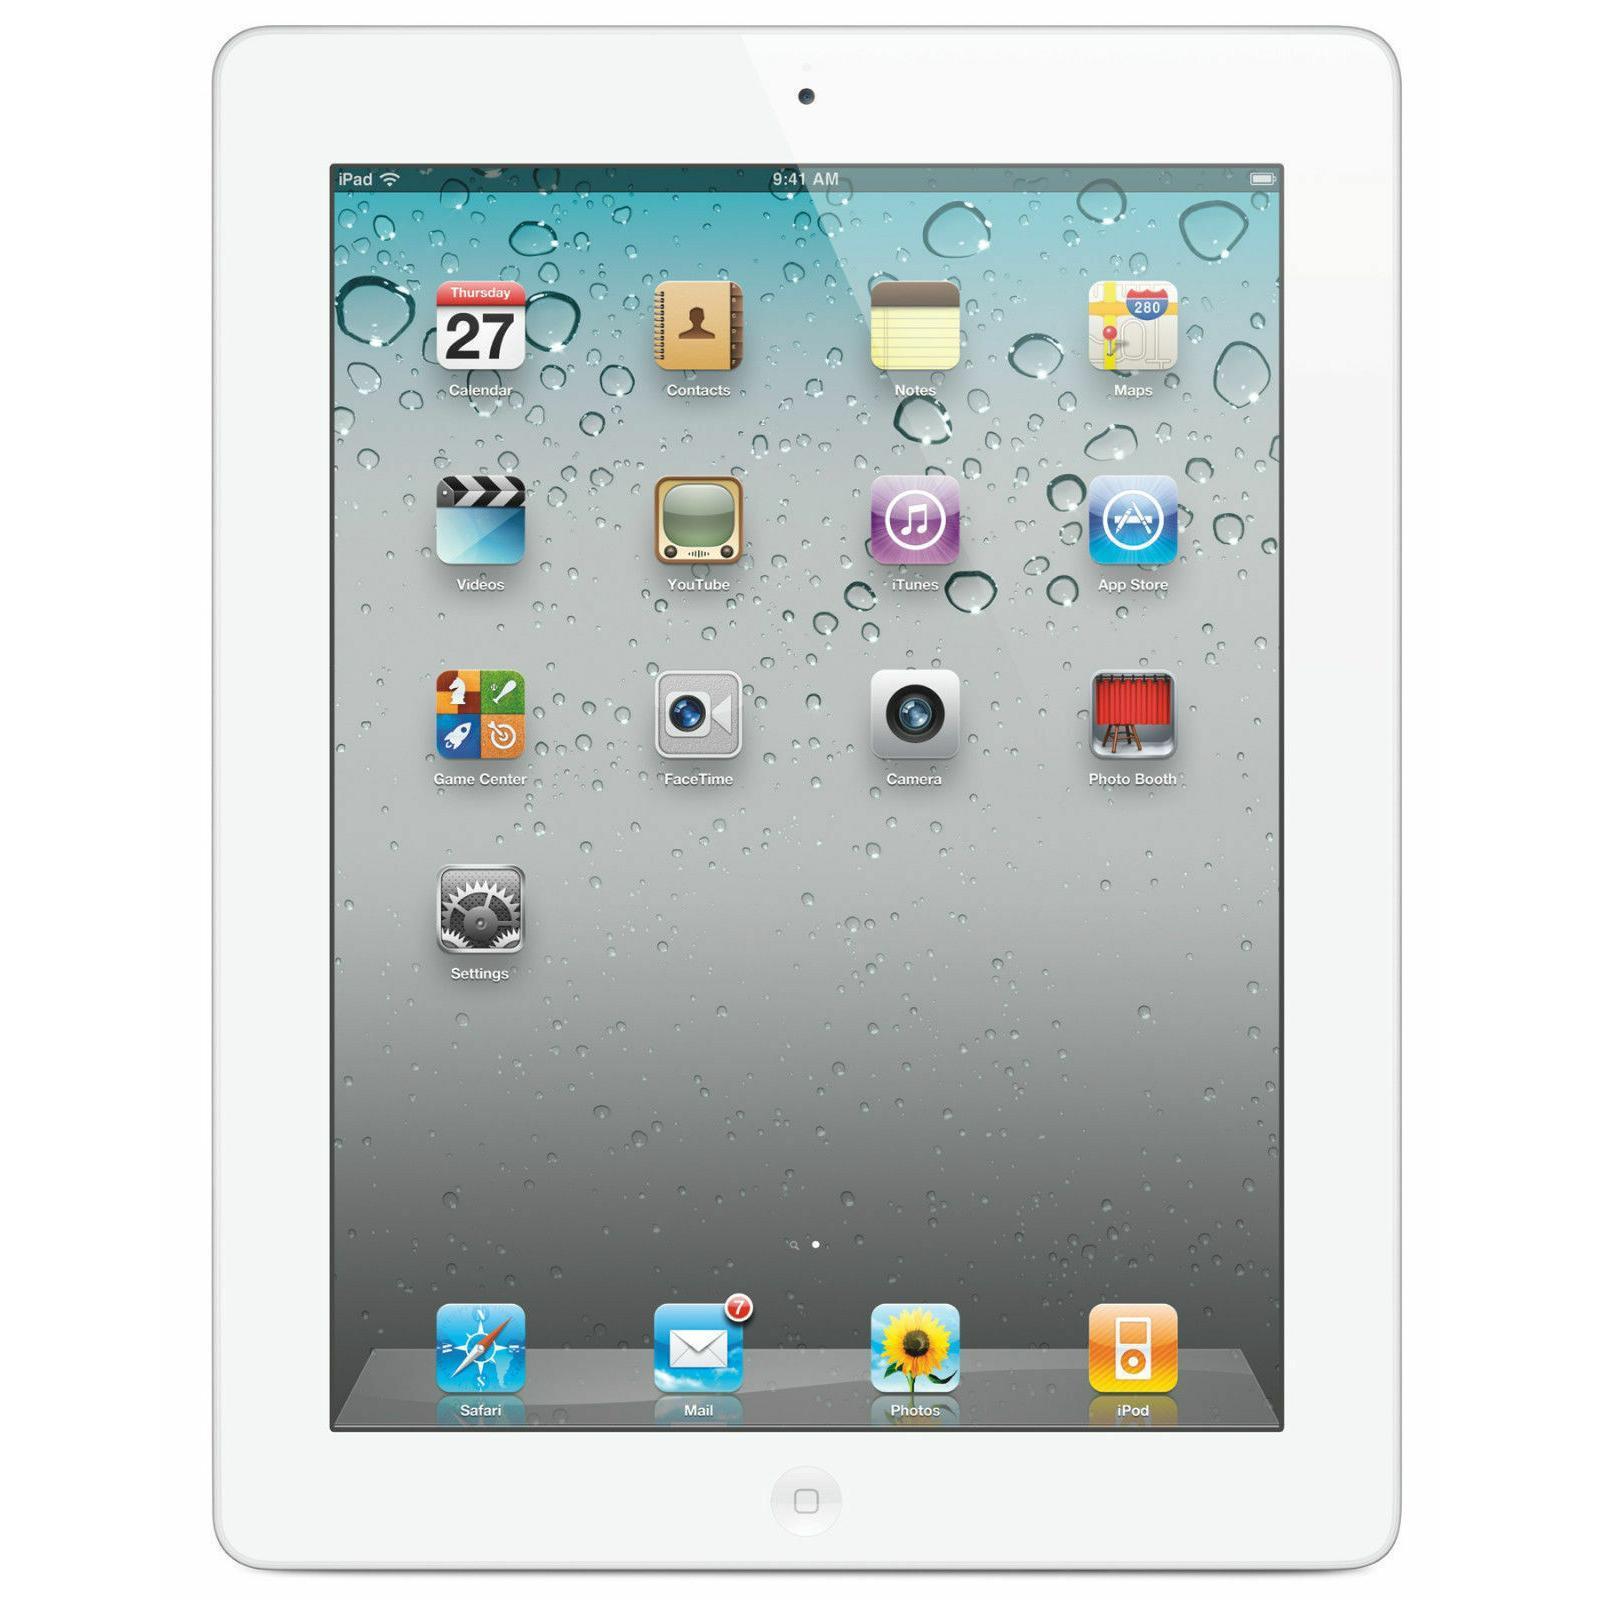 iPad 3 (2012) - WiFi